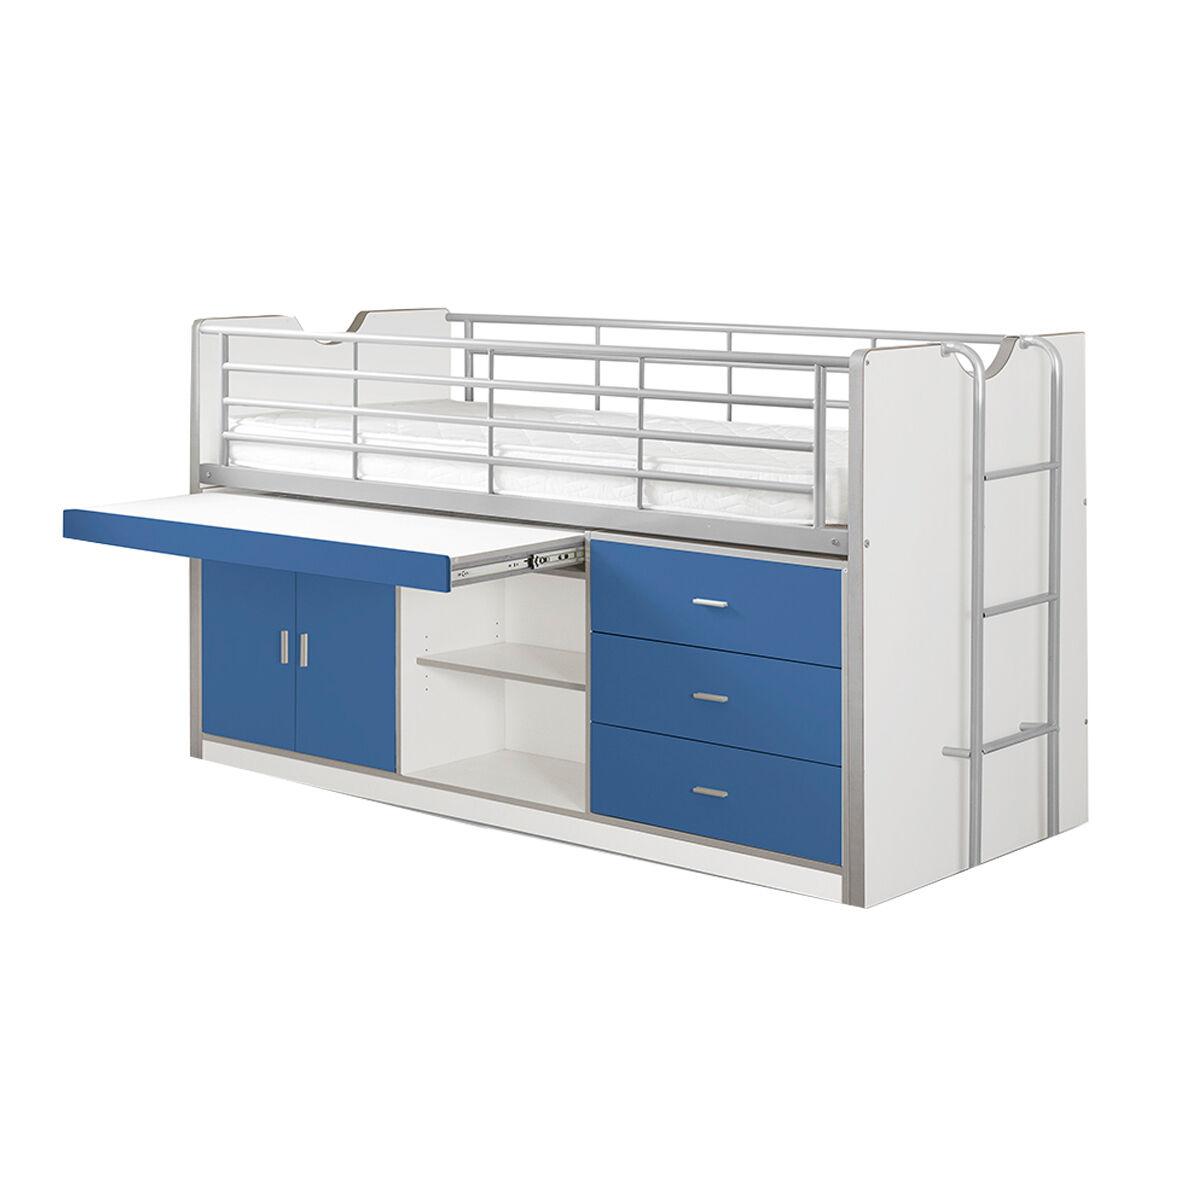 Vipack Lit combiné 95 90x200 sommier inclus bleu